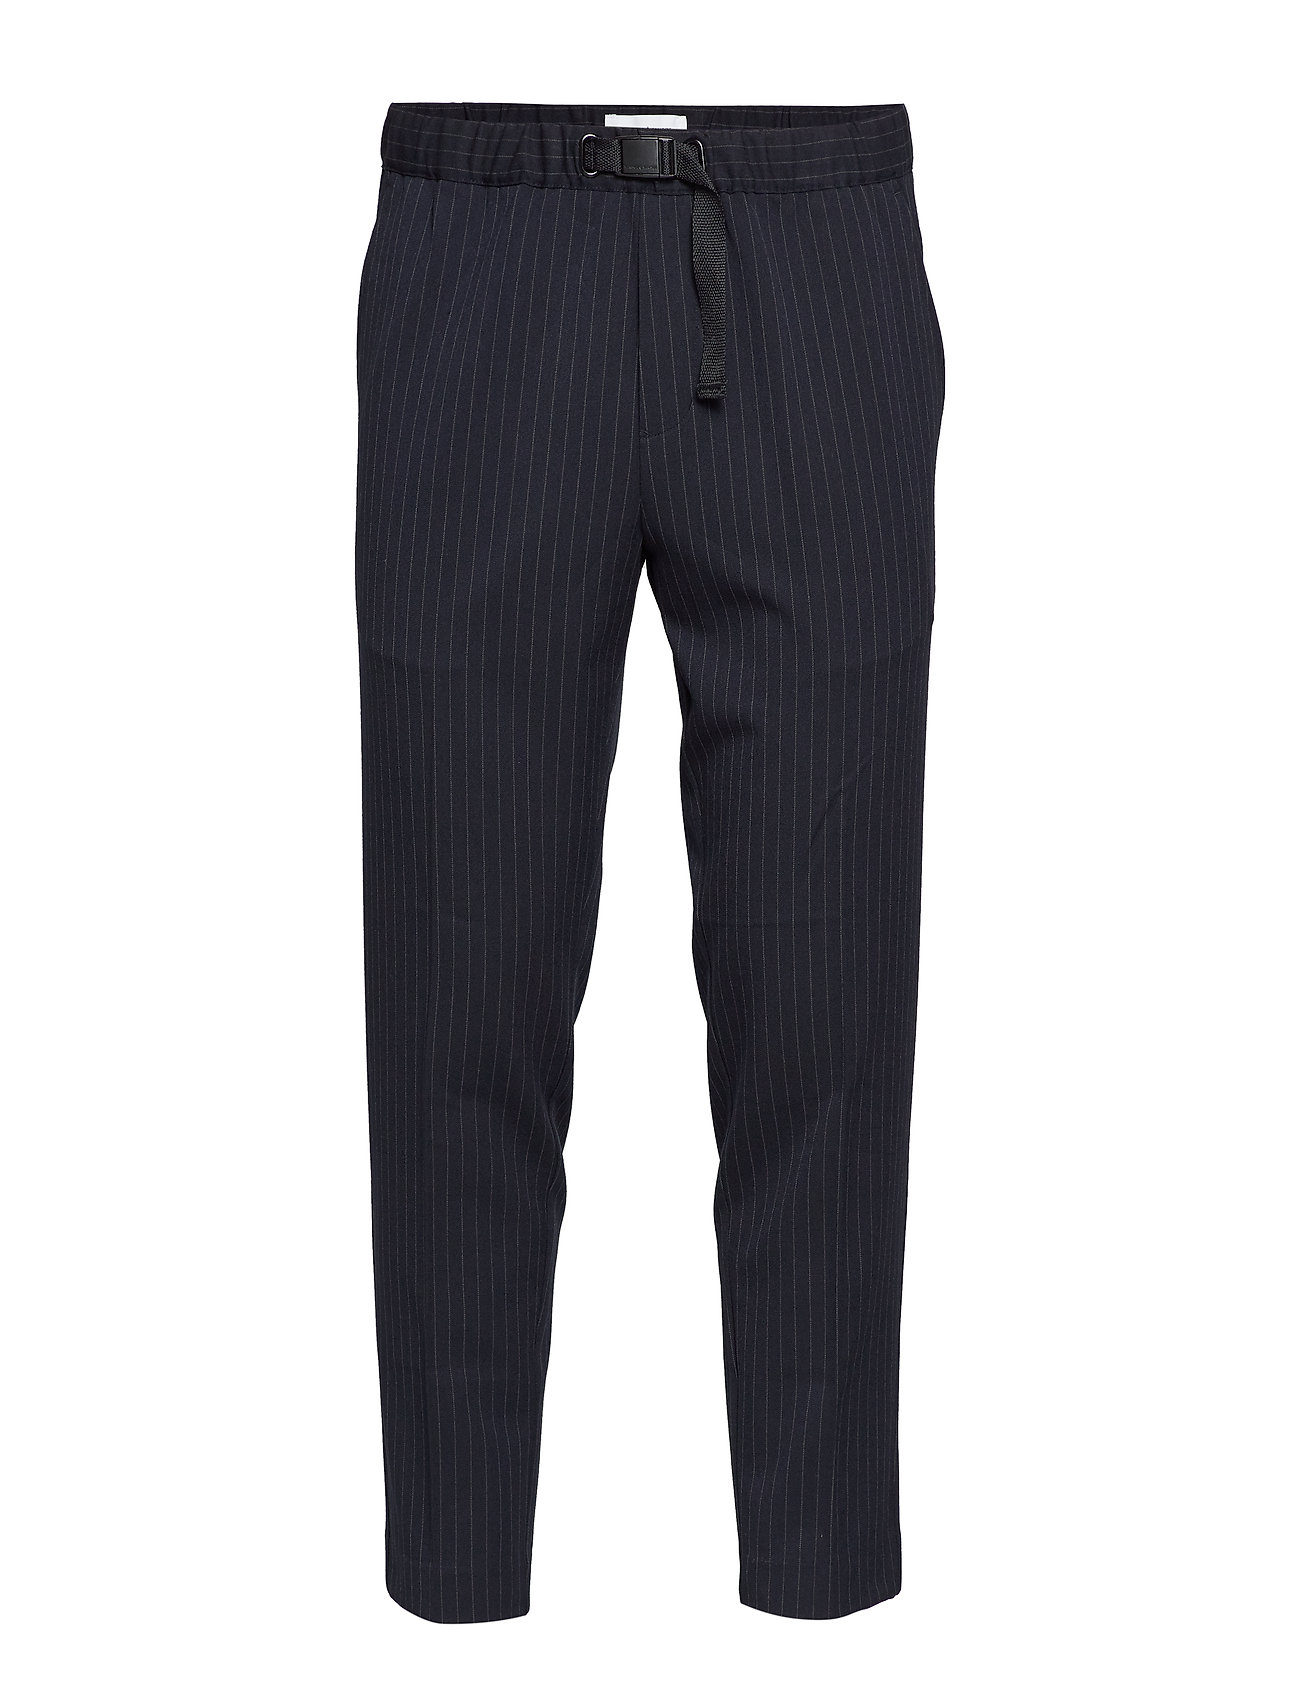 Samsøe & Samsøe Agnar trousers 11203 - NIGHT SKY ST